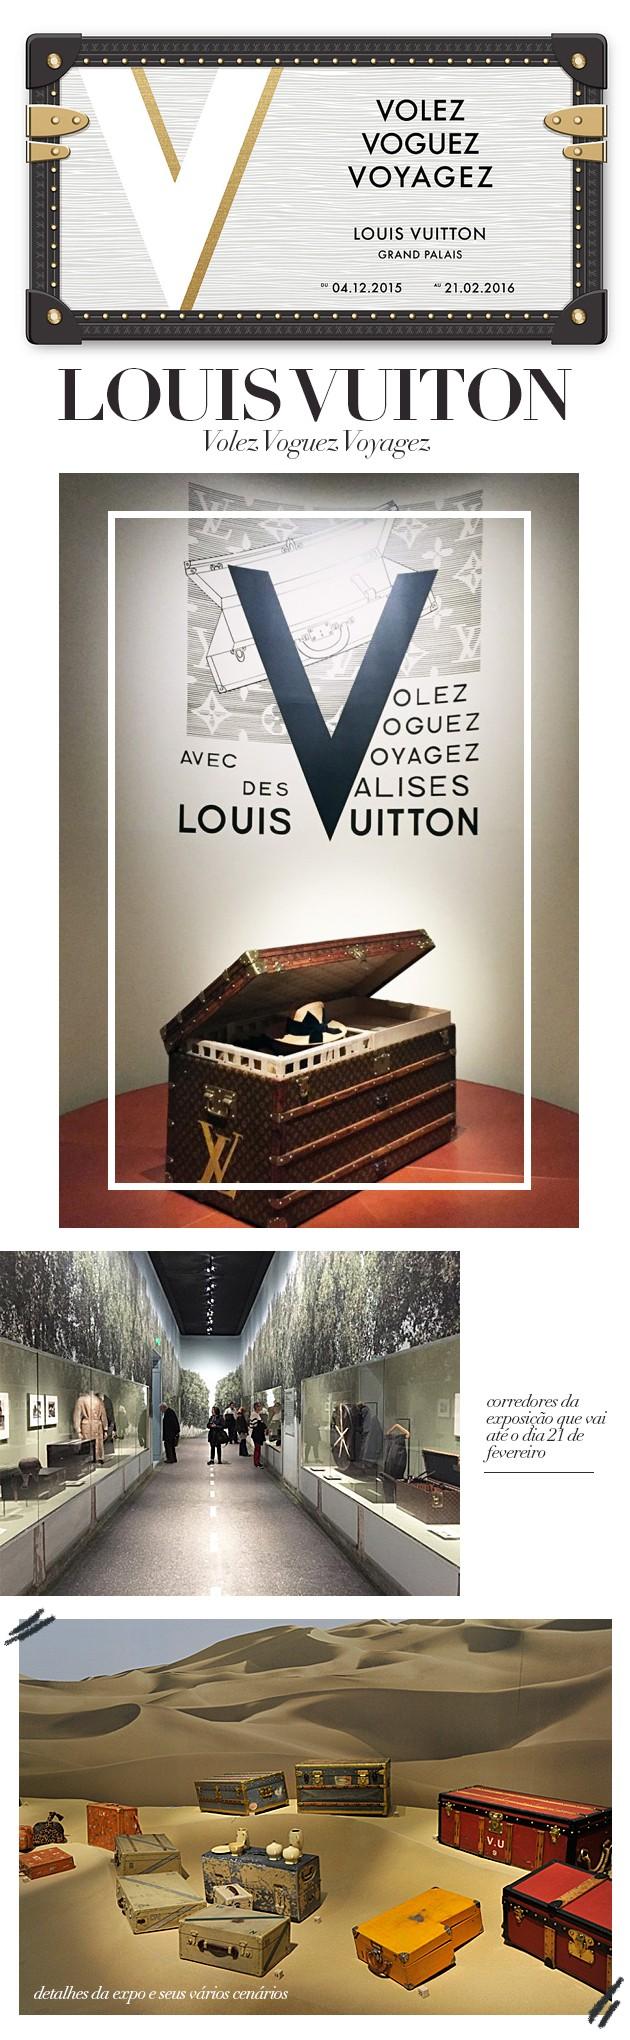 Tudo-sobre-a-exposição-da-Louis-Vuitton-em-Paris-Volez-Voguez-Voyagez-Grand-Palais-Lari-Duarte-blog-